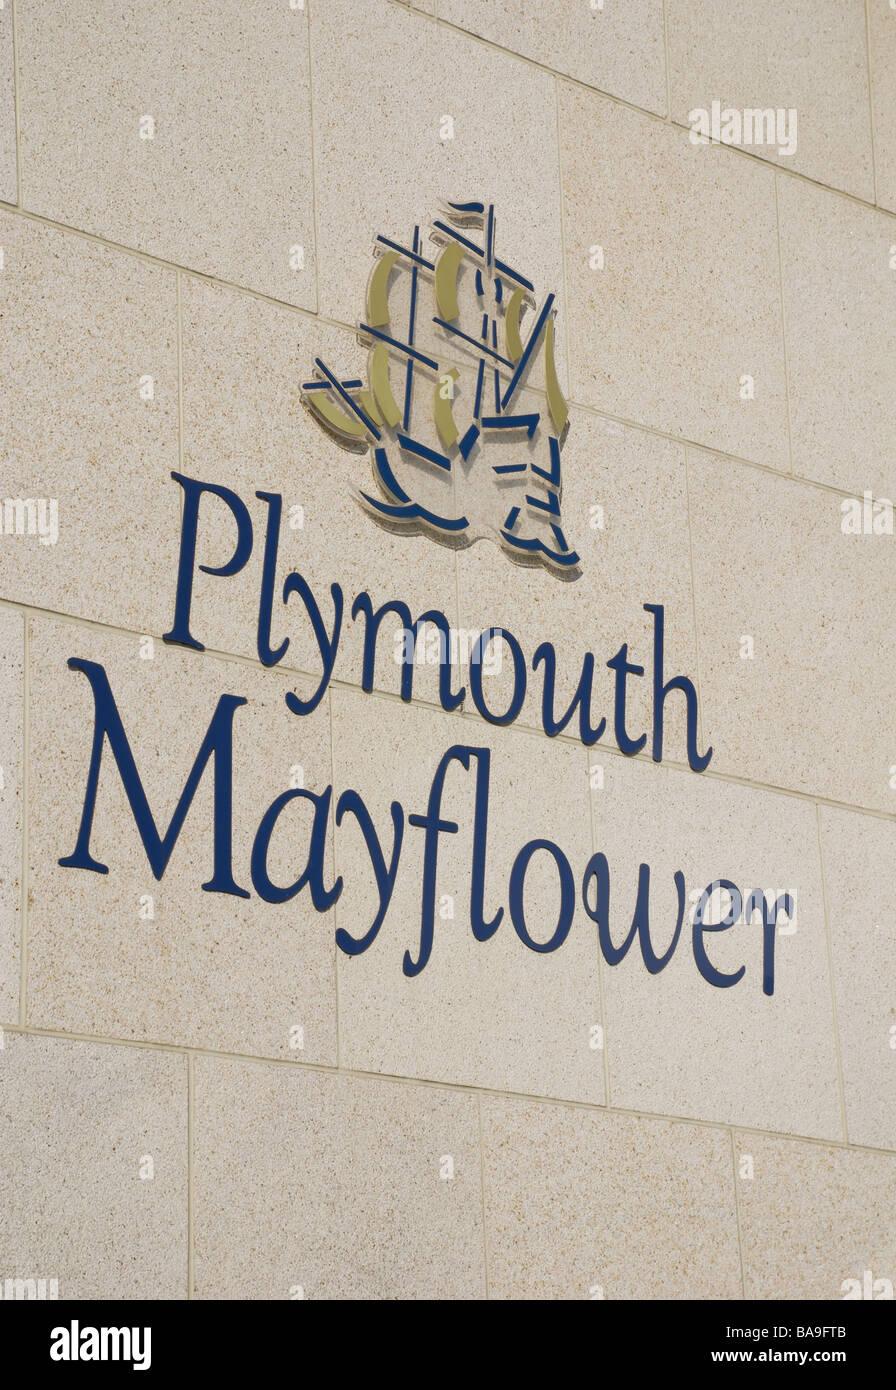 Plymouth Mayflower Schiff Zeichen, Barbican, Plymouth, Devon, UK Stockbild